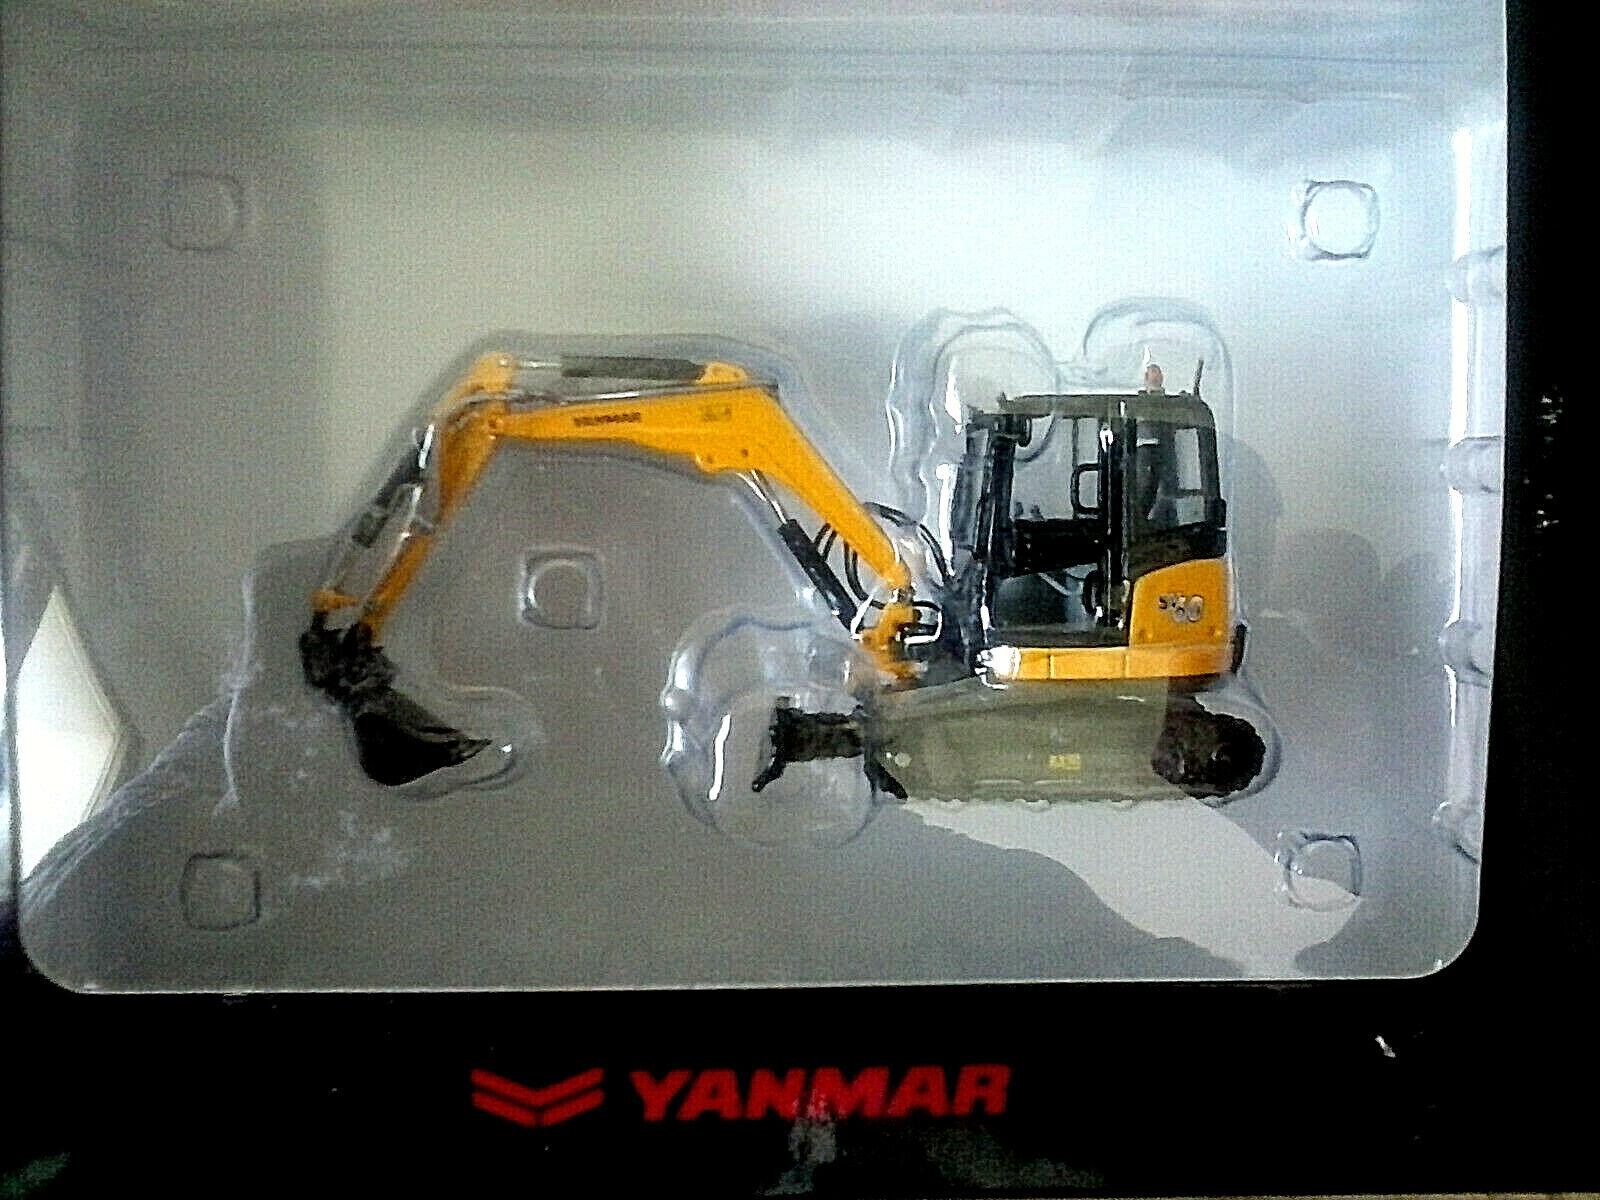 ROS 1 50 MODELLO IN METALLLO E PLASTICA ESCAVATORE YANMAR SV60    ART 002272